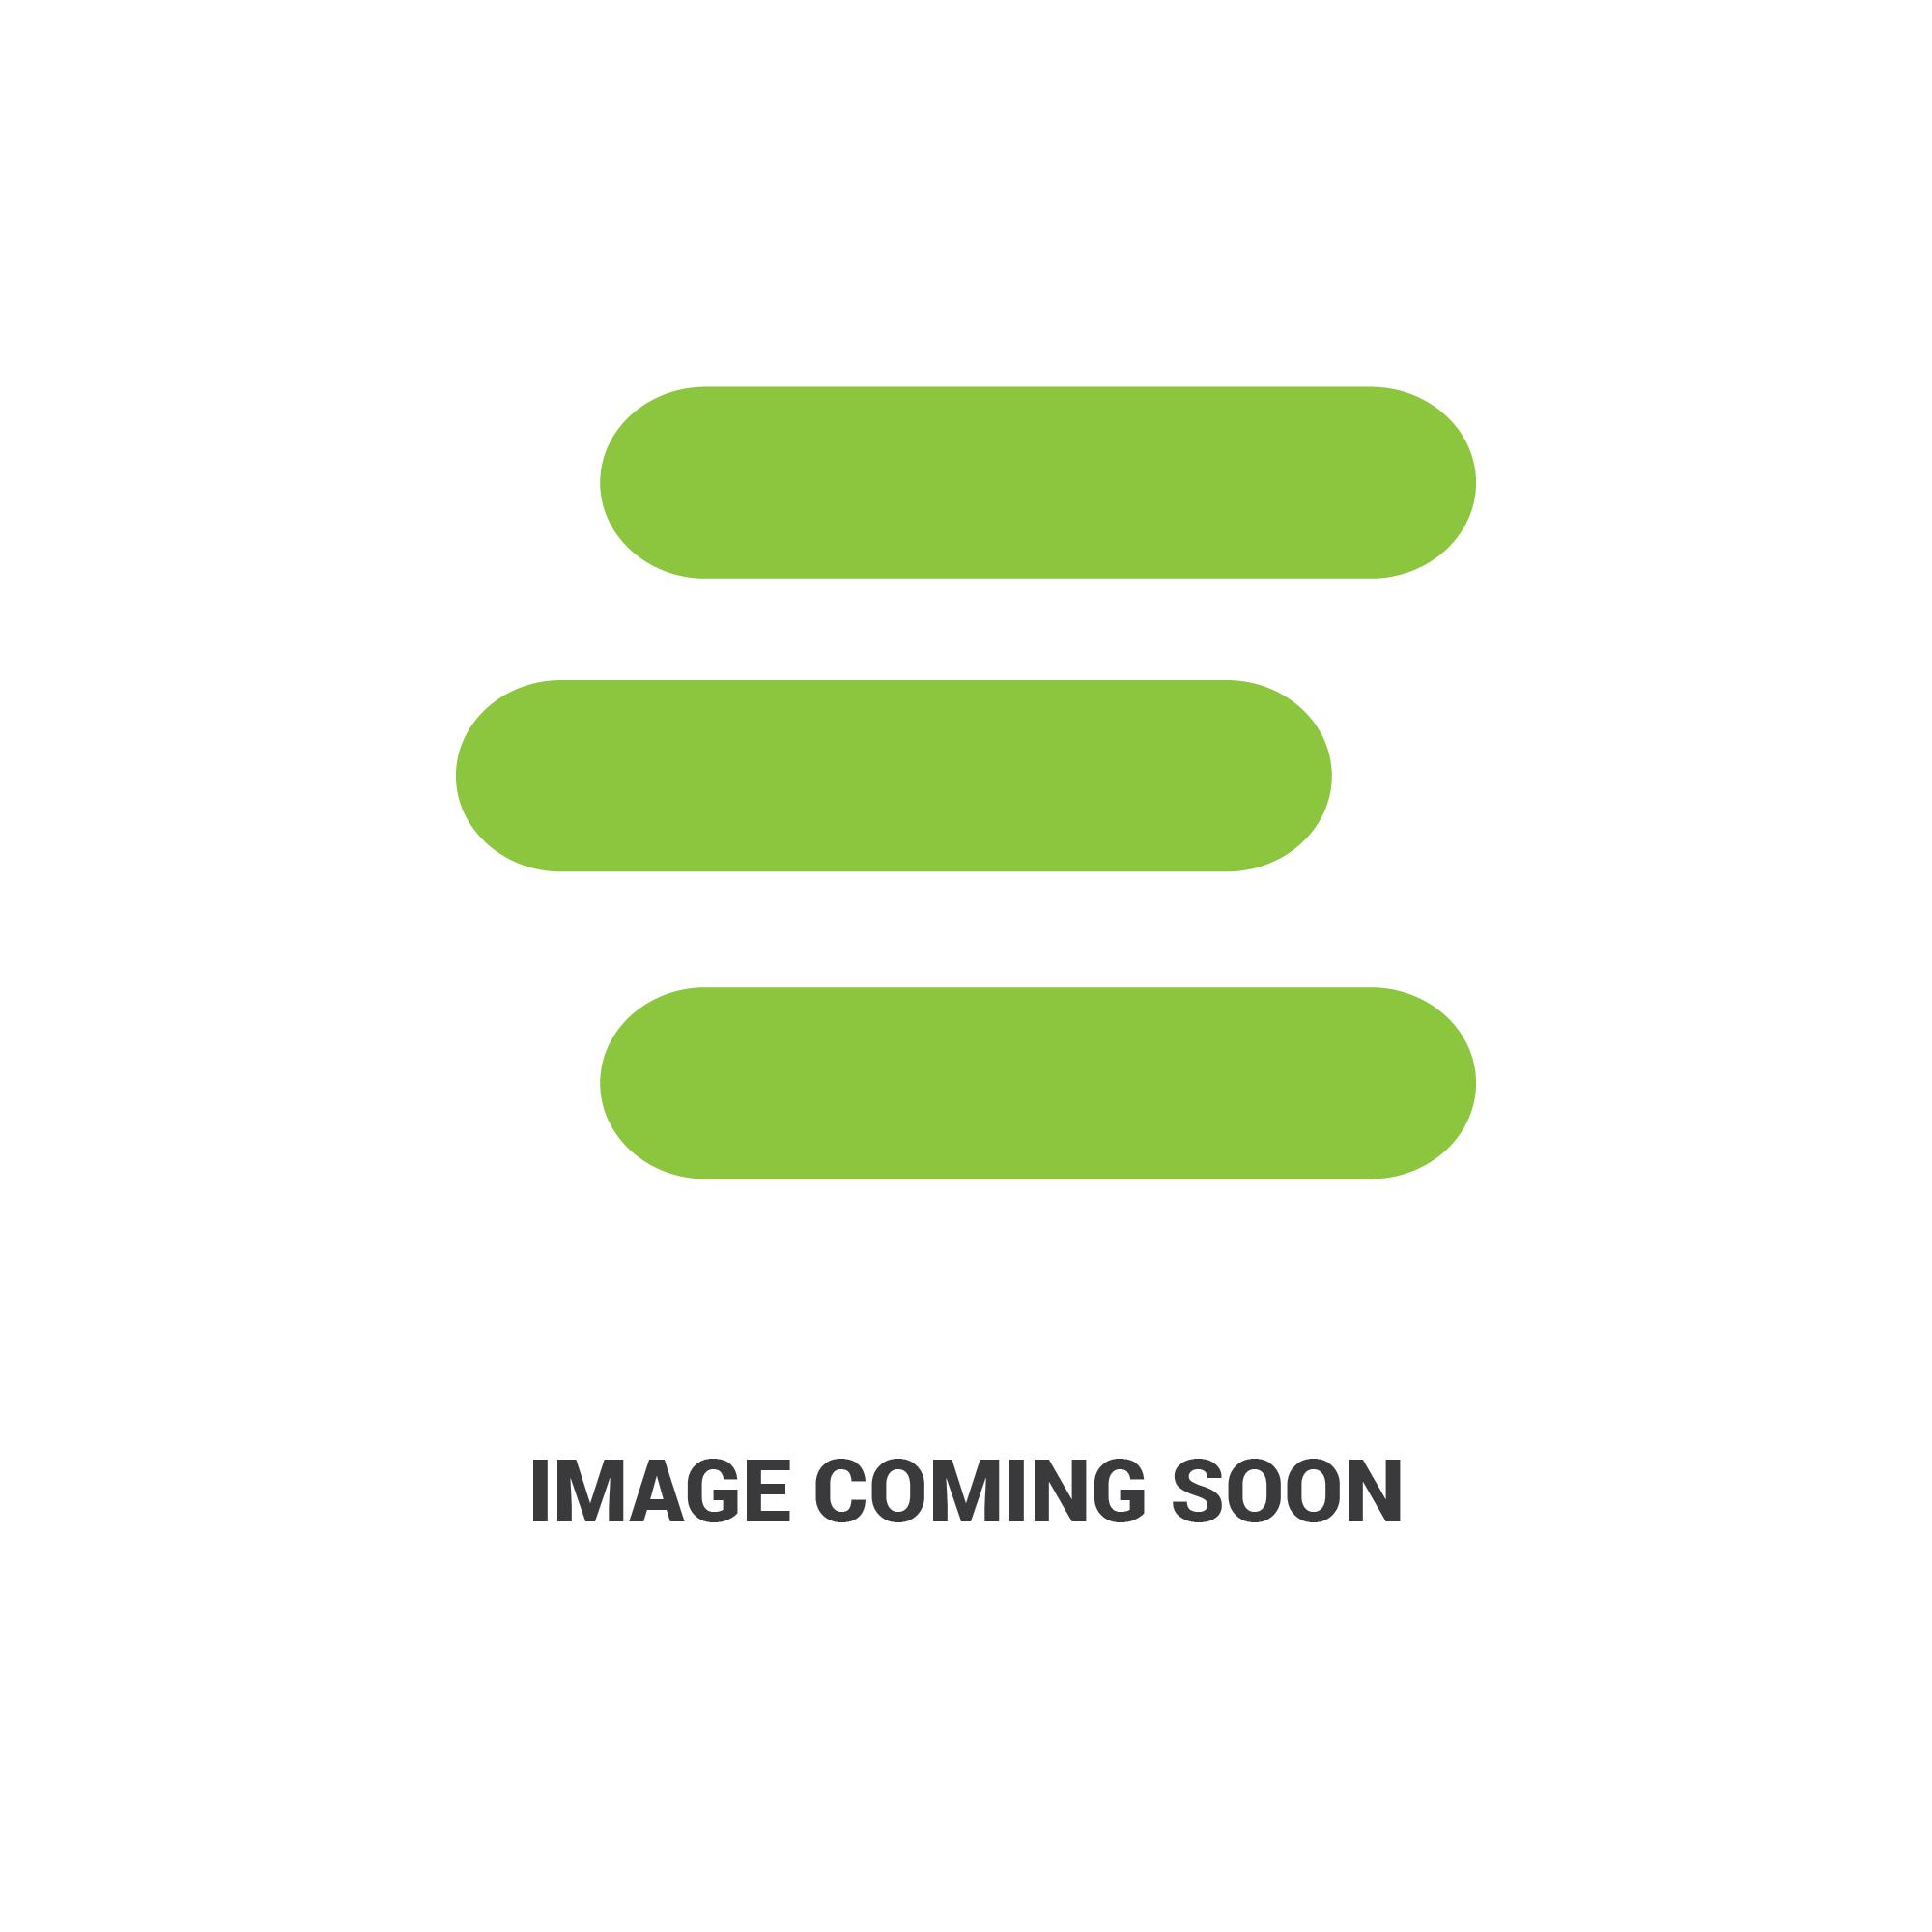 E-3C091-44120edit 1.jpg